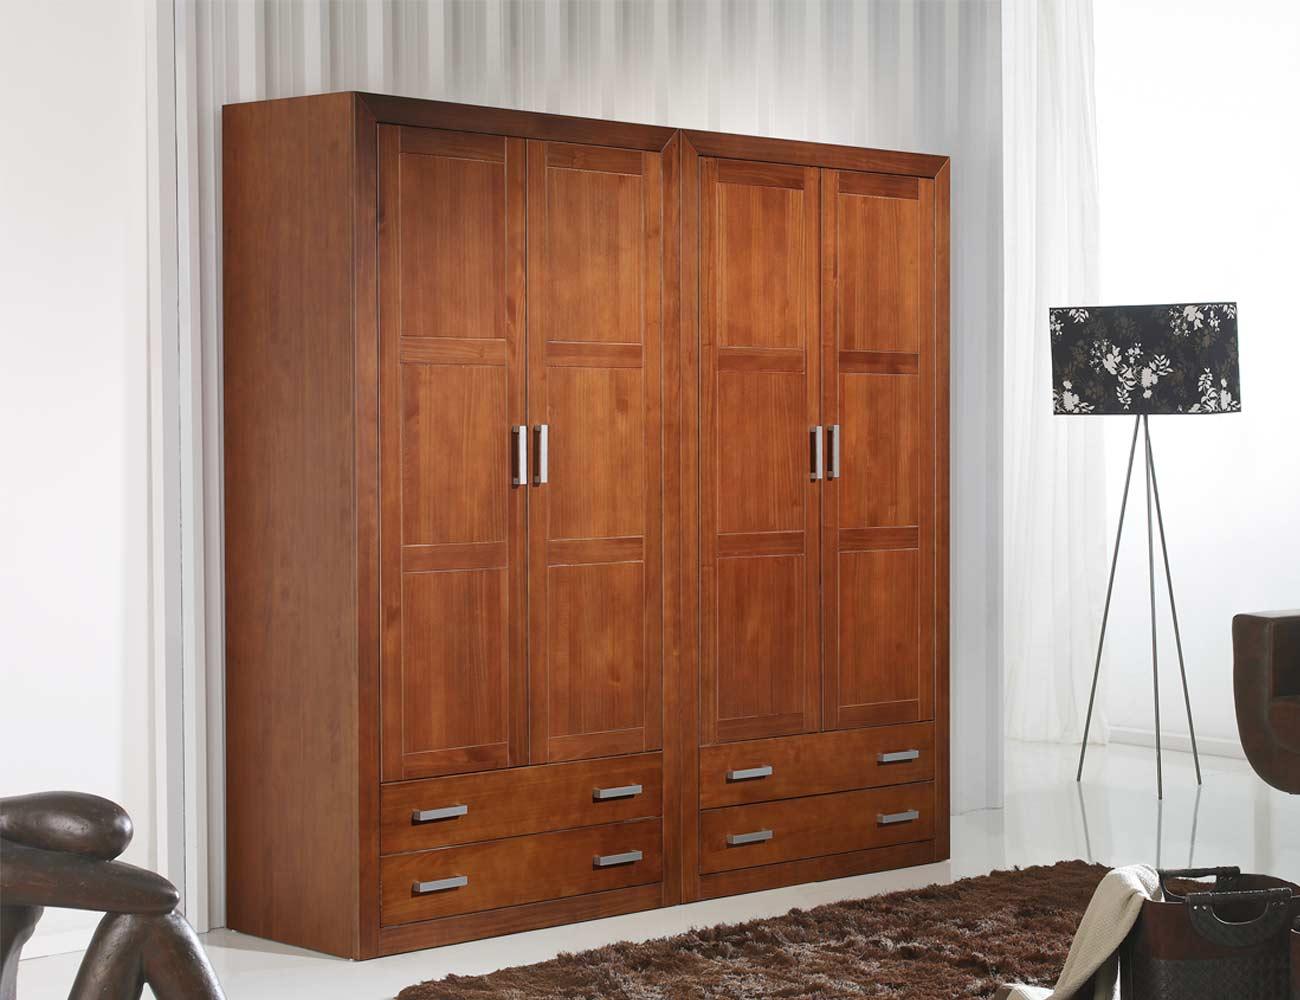 Armario madera puertas abatibles nogal1